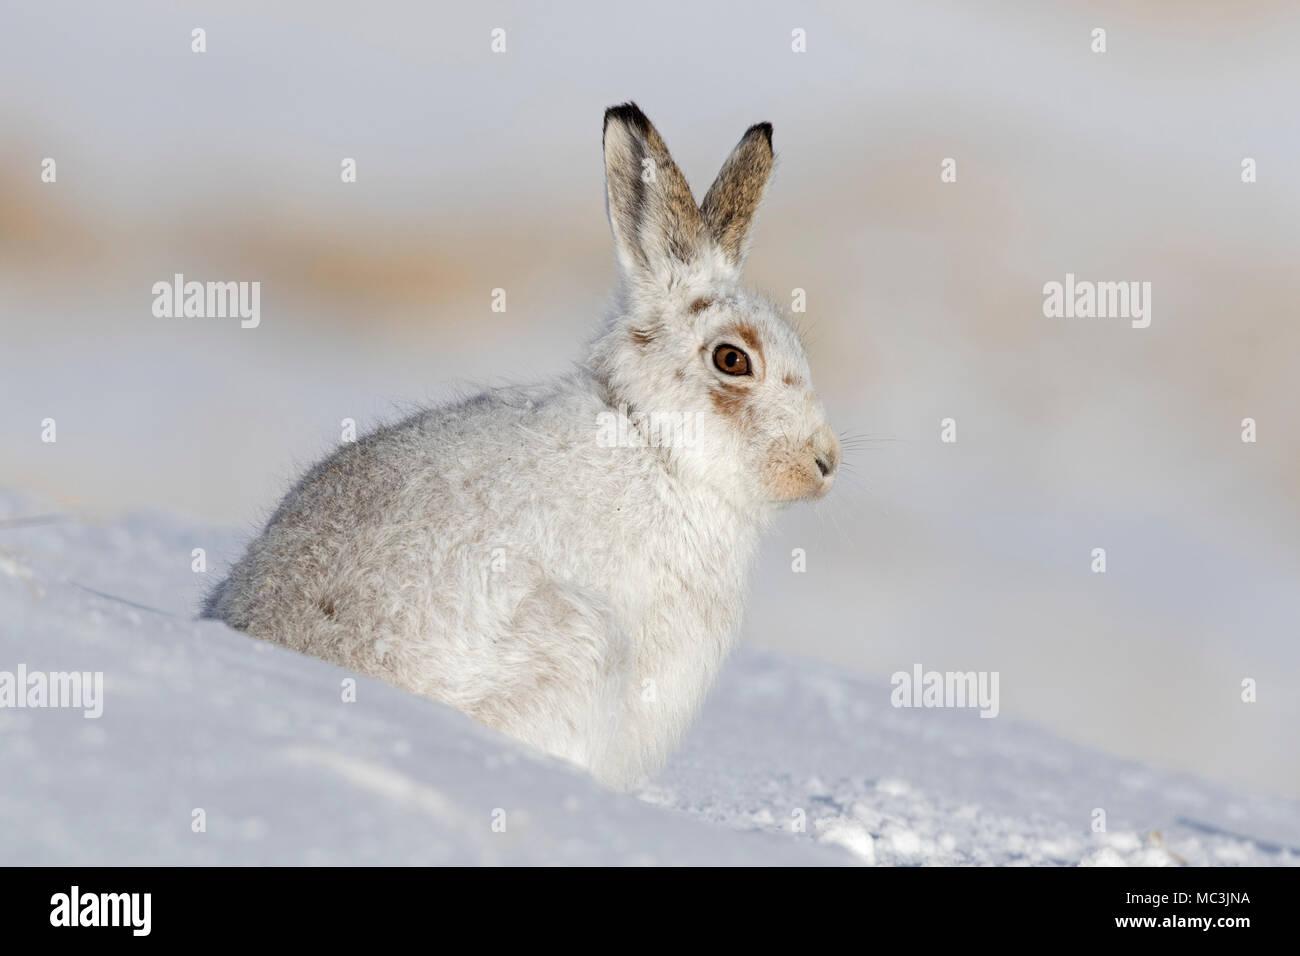 Mountain Hare Hare / nieve / alpino de la liebre (Lepus timidus) en invierno blanco pelaje sentado en la nieve. Imagen De Stock